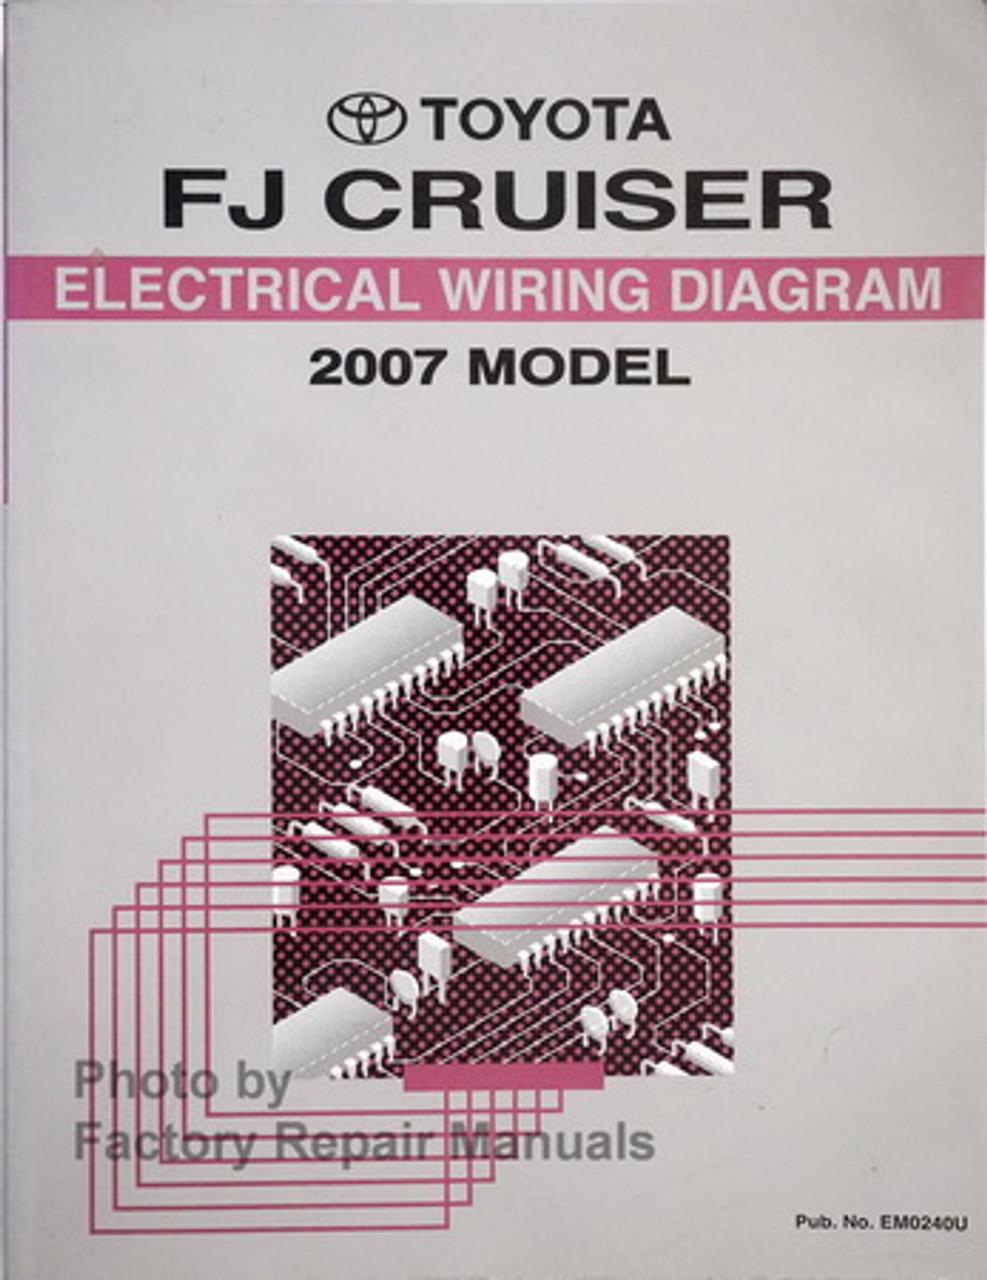 2007 toyota fj cruiser electrical wiring diagrams original manual - factory  repair manuals  factory repair manuals